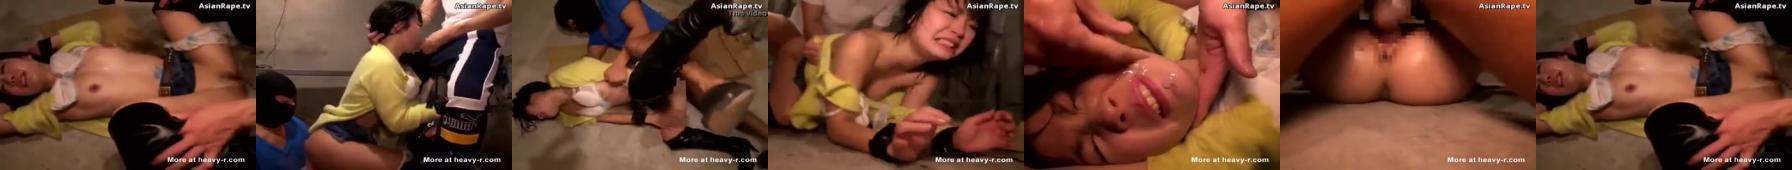 Zgwałcili ją we dwóch i zalali spermą twarz